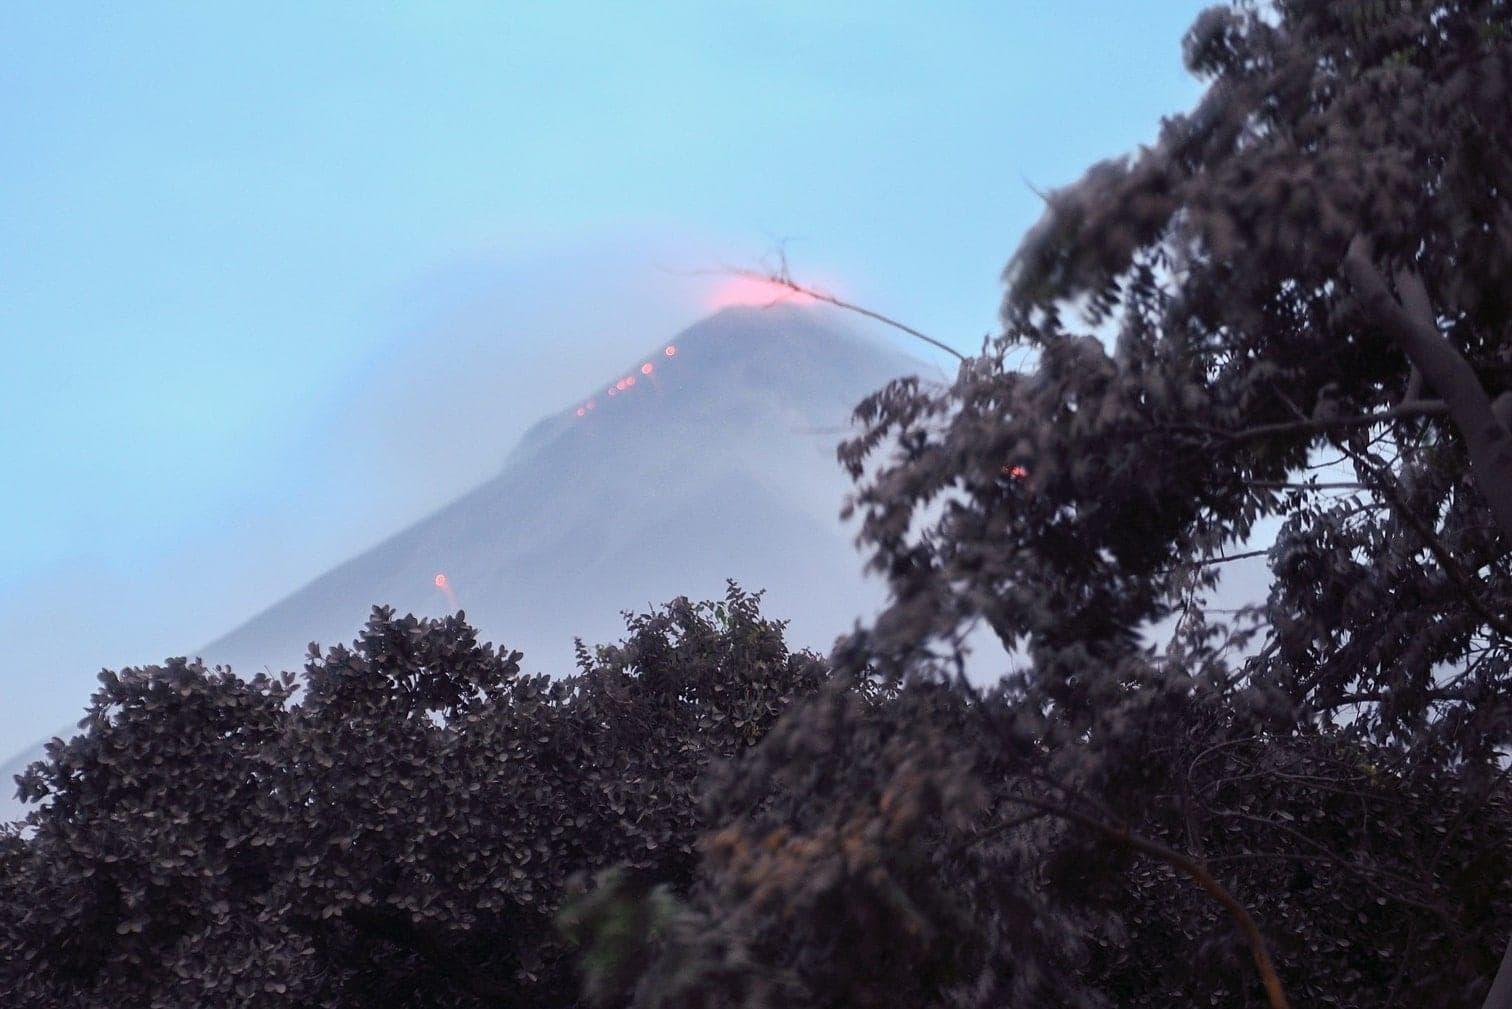 <p>Nach einem Ausbruch des Feuervulkans in Guatemala sind zahlreiche Menschen ums Leben gekommen.</p> Foto: &nbsp;